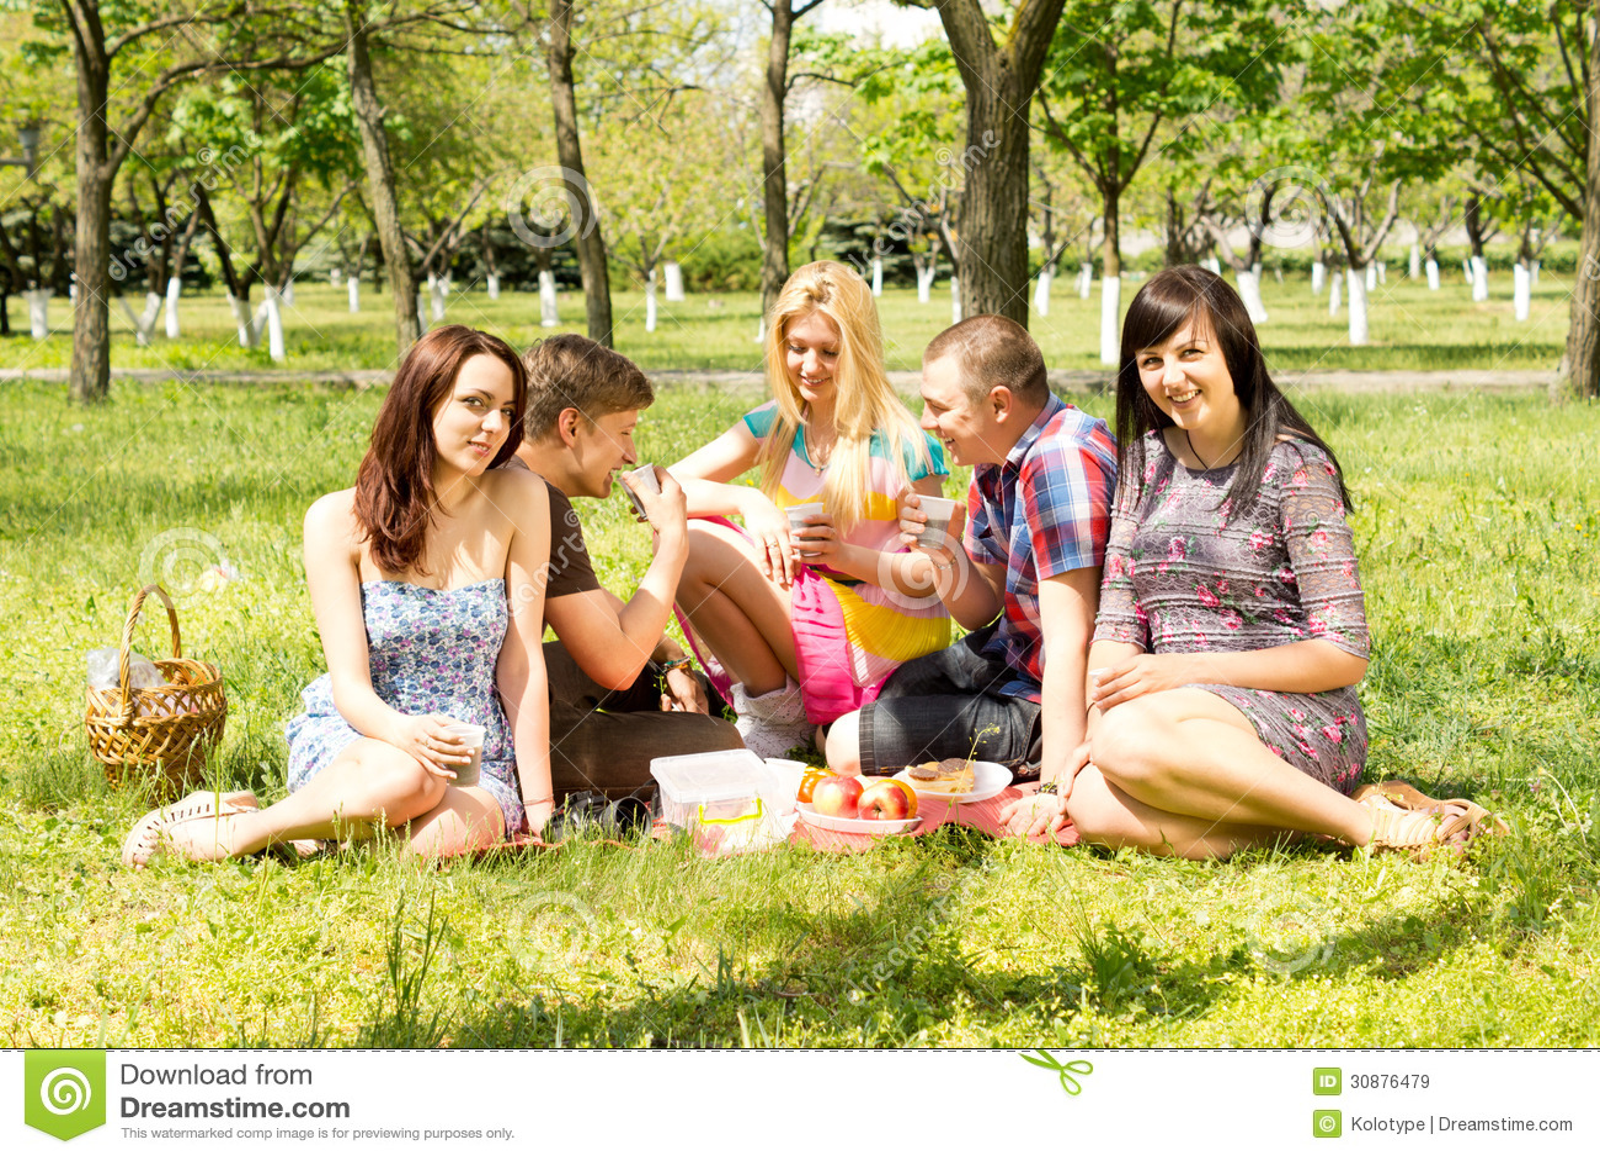 Студенты на пикниках 11 фотография